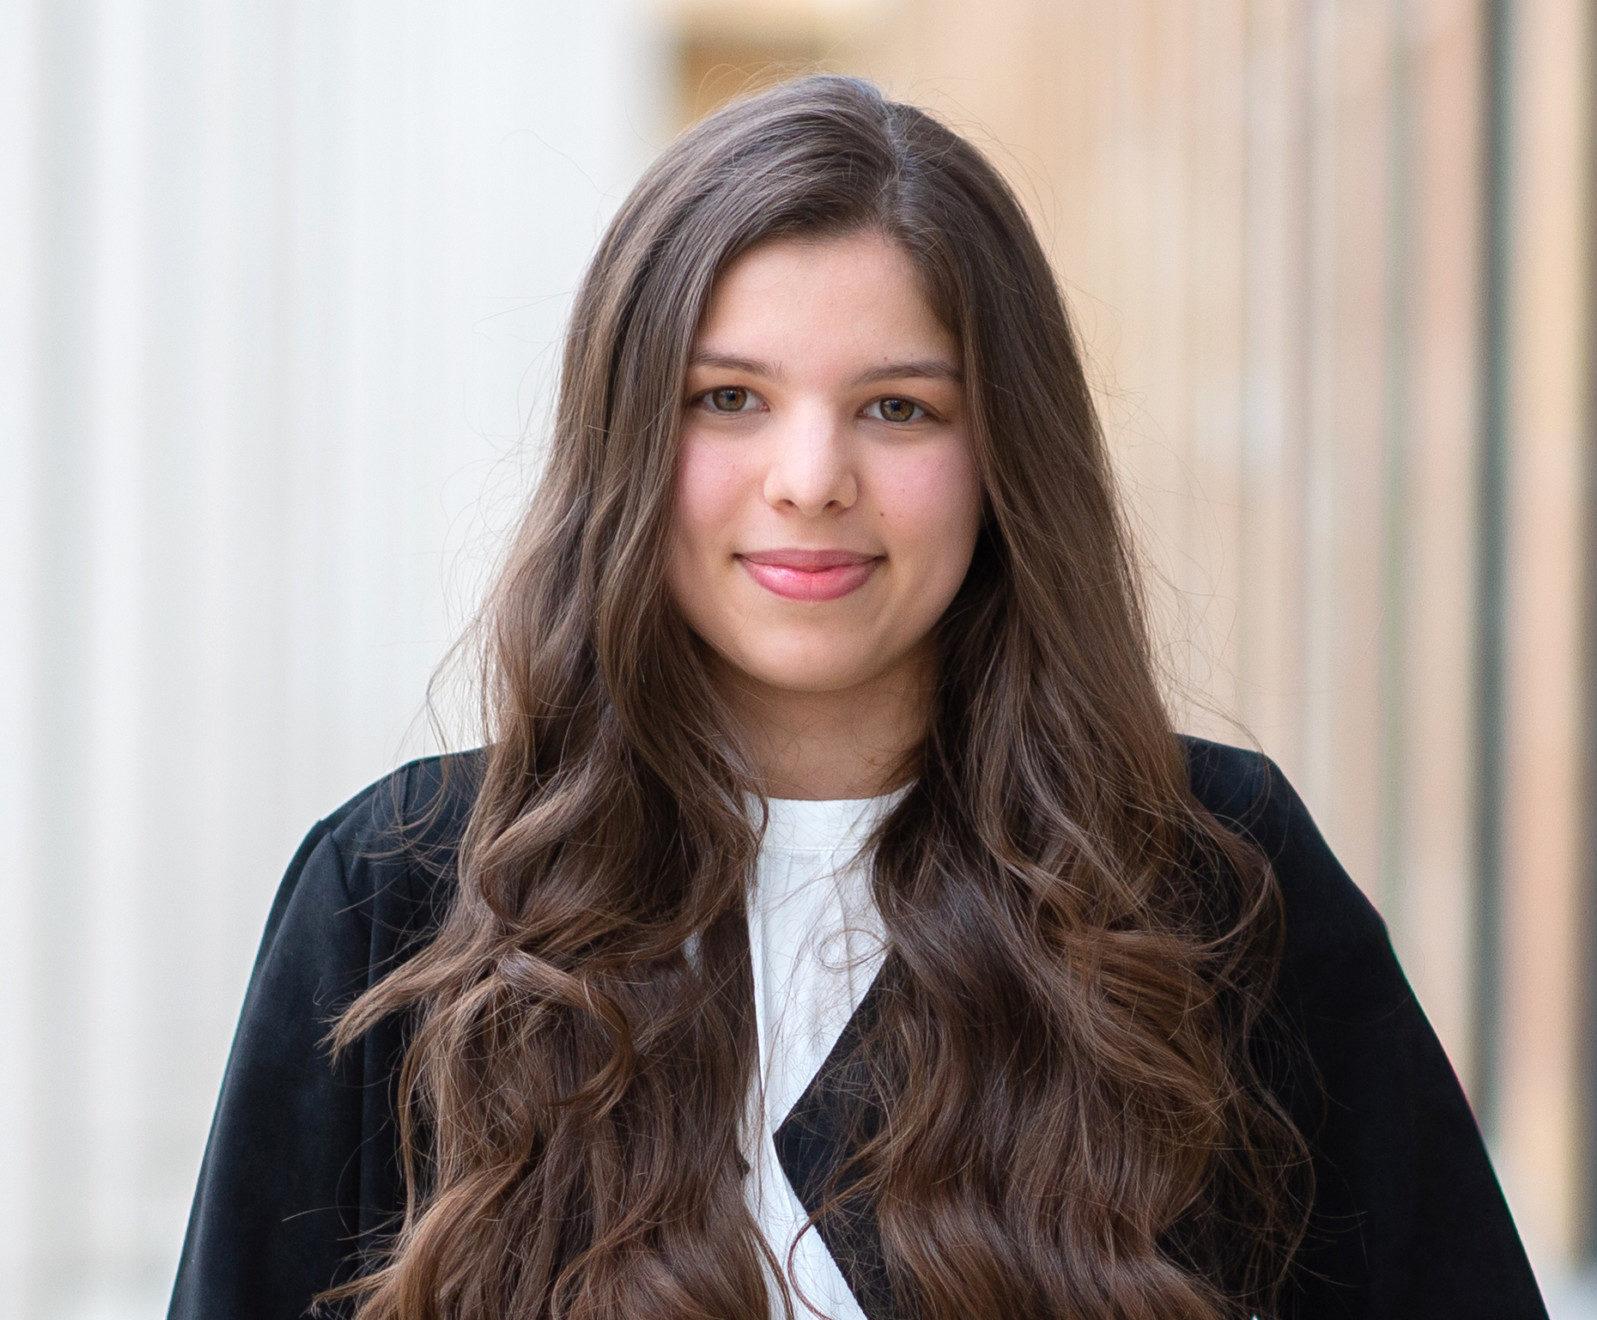 Silvana Sand, Kandidatin für die Wahl zur Stadtverordnetenversammlung am 14.03.2021